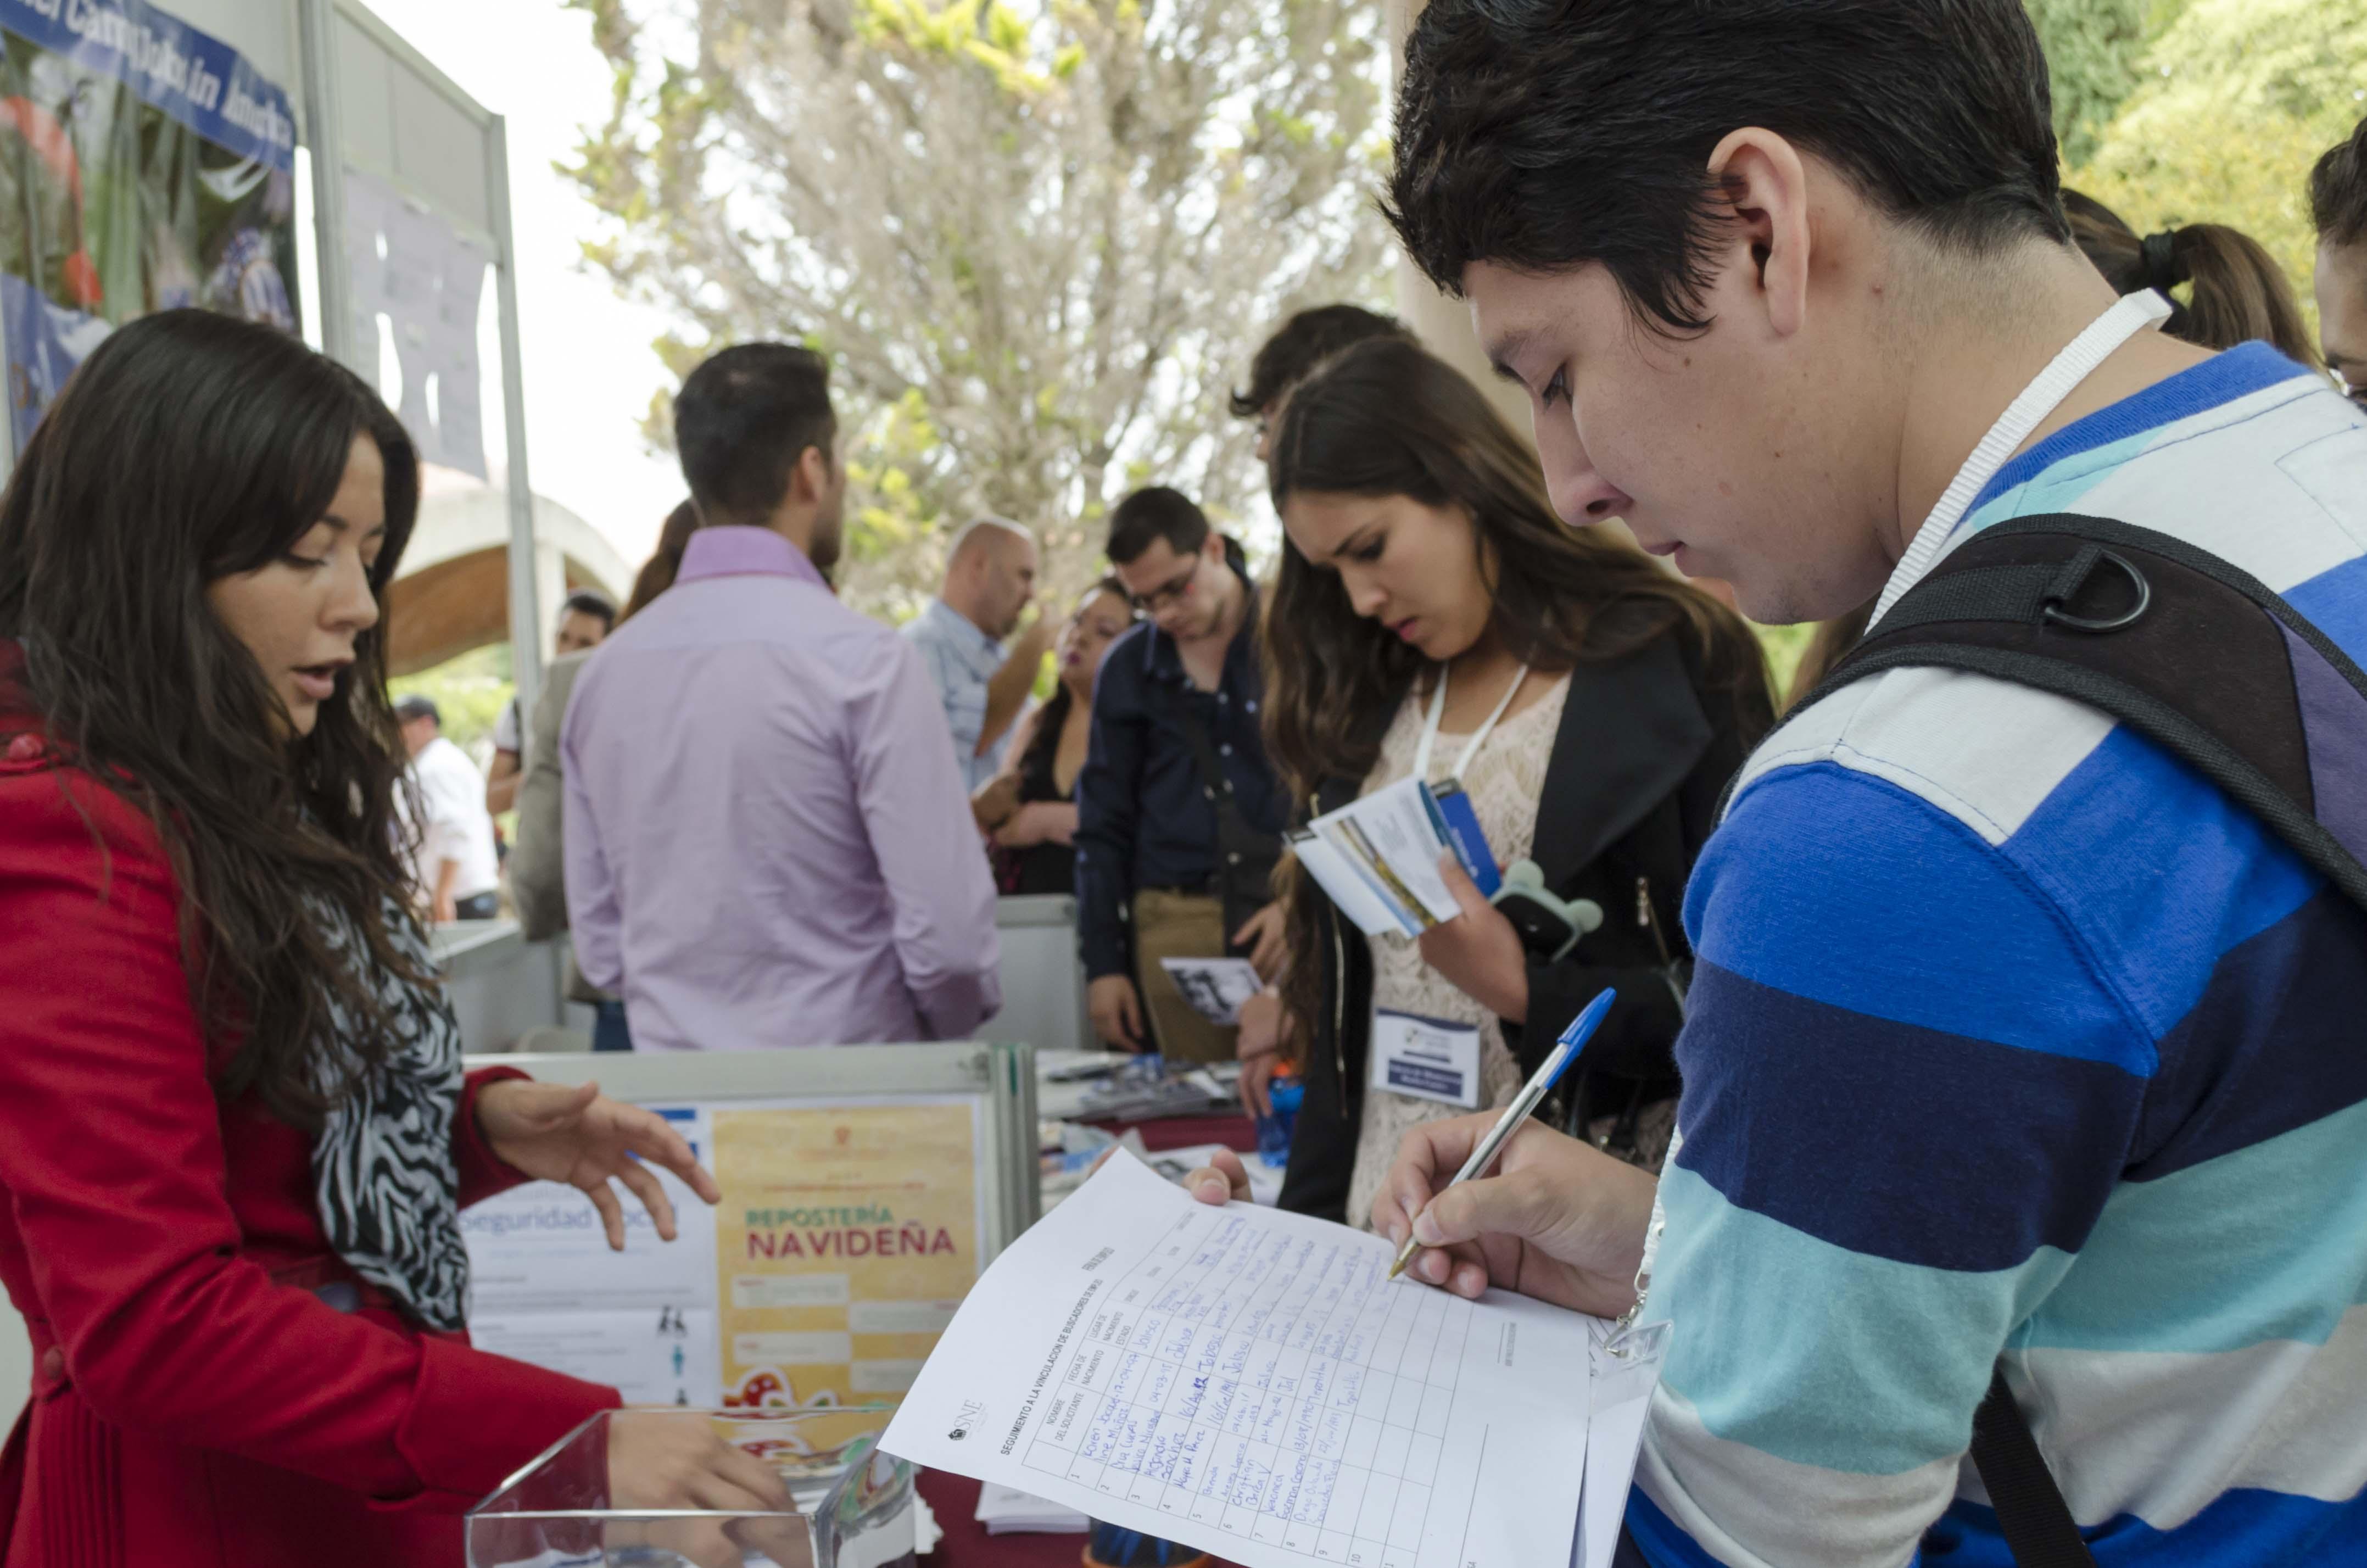 Ferias y bolsas de empleo en universidades para tu primer empleo